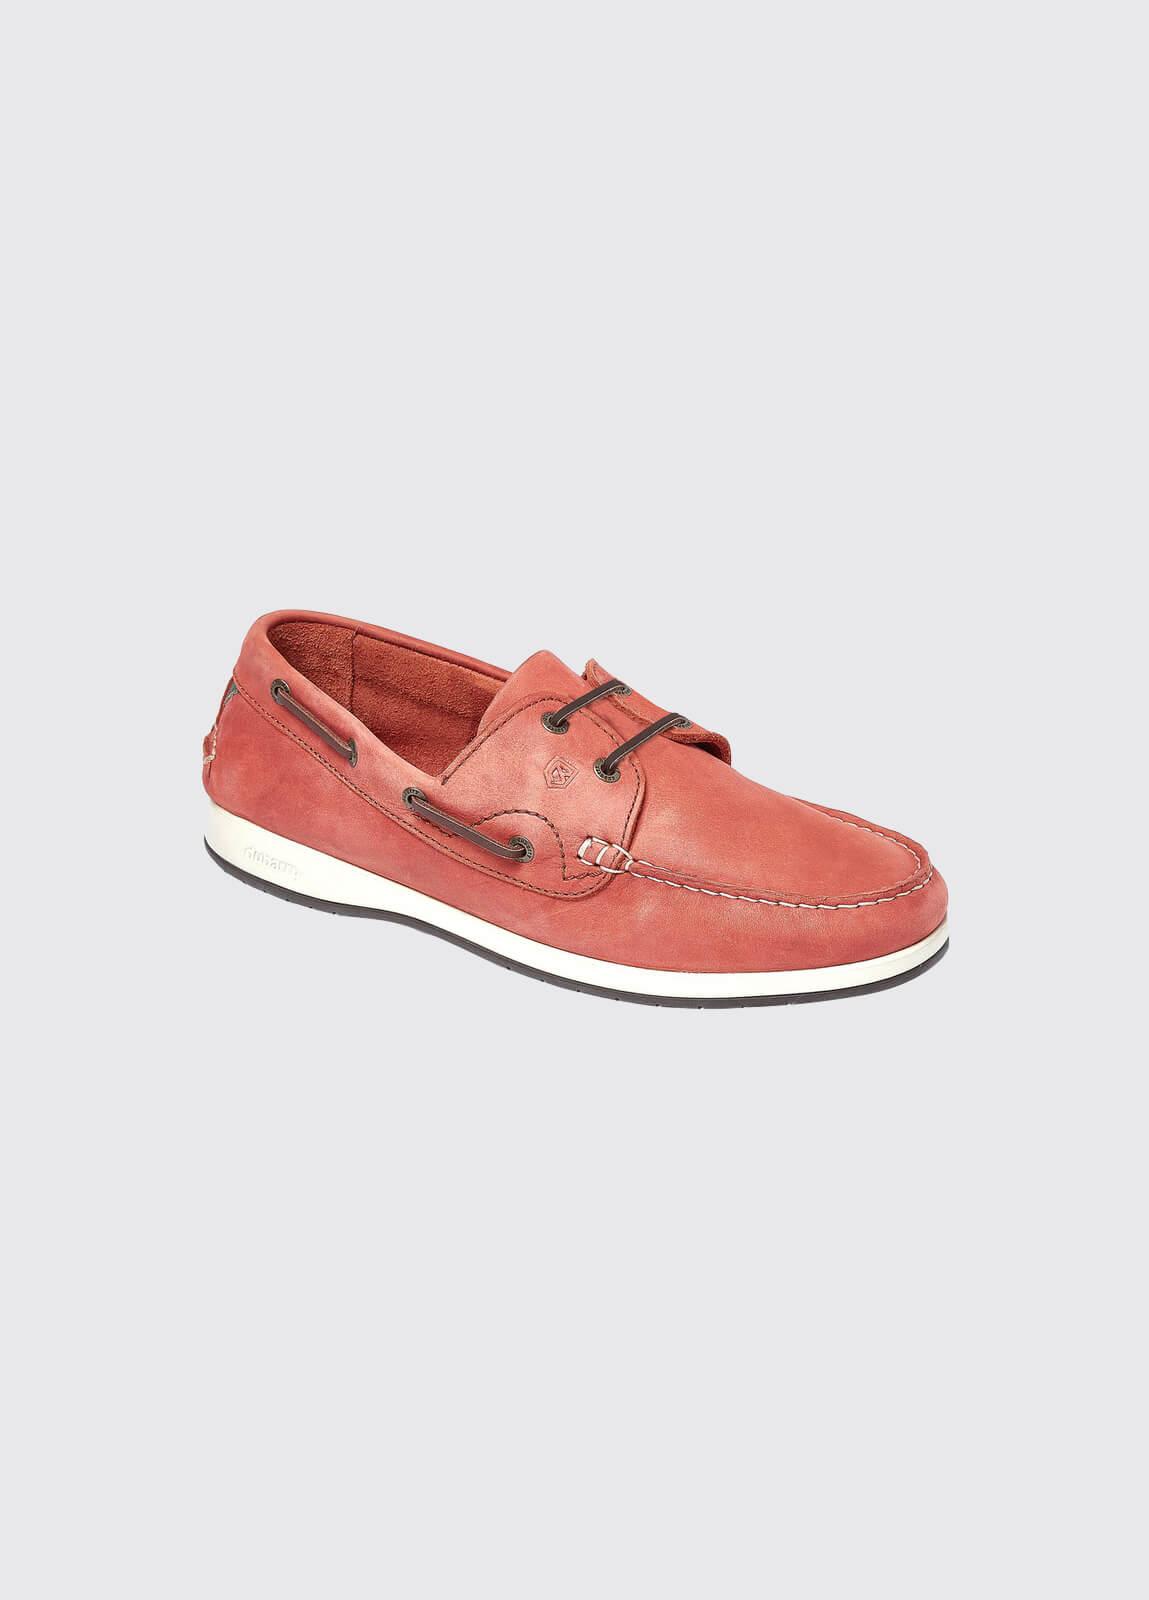 Pacific X LT Deck Shoe - Terracotta